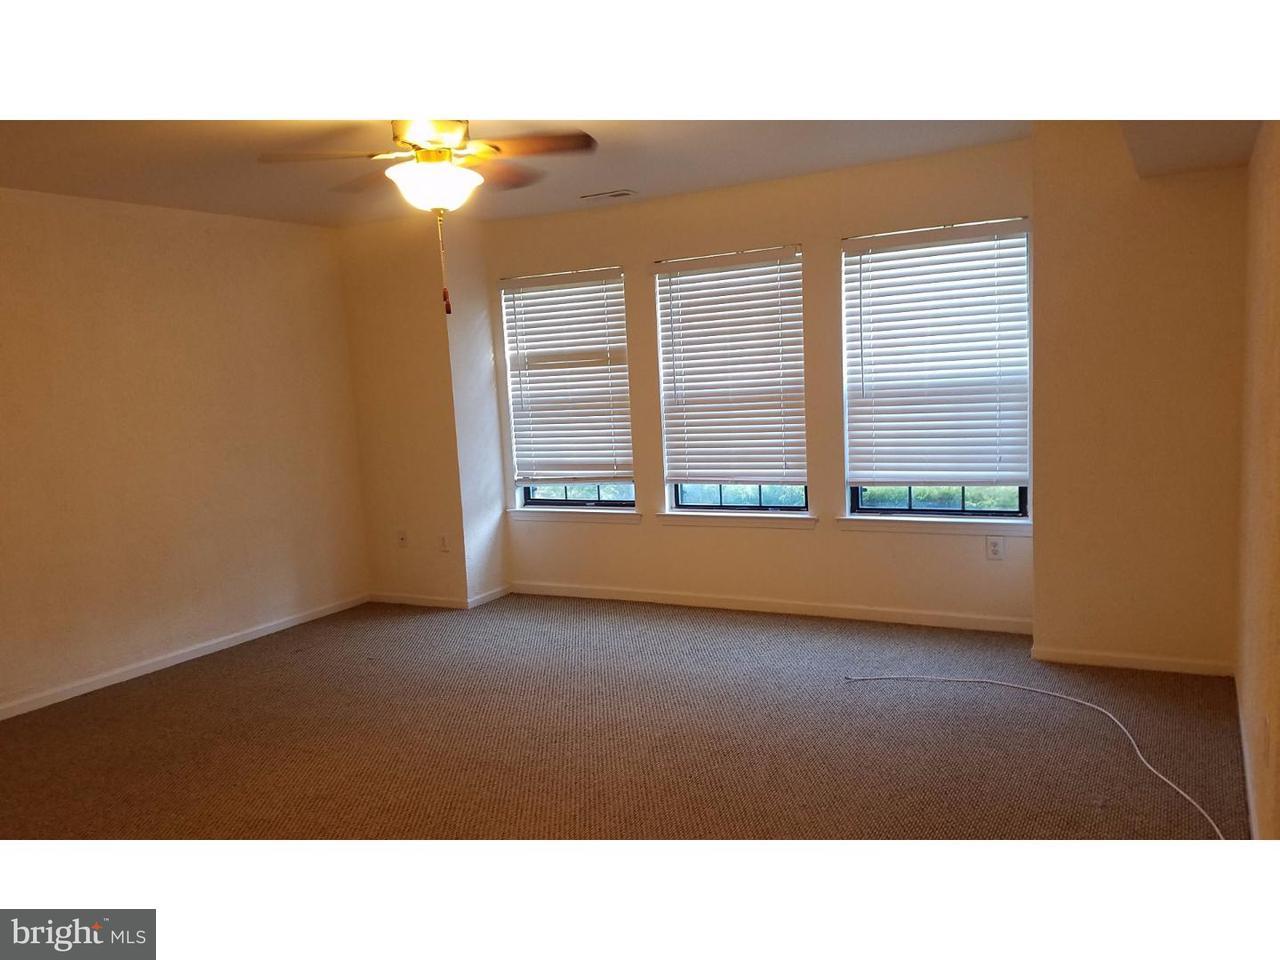 共管式独立产权公寓 为 出租 在 41 BRIDGEWATER Drive Evesham Twp, 新泽西州 08053 美国